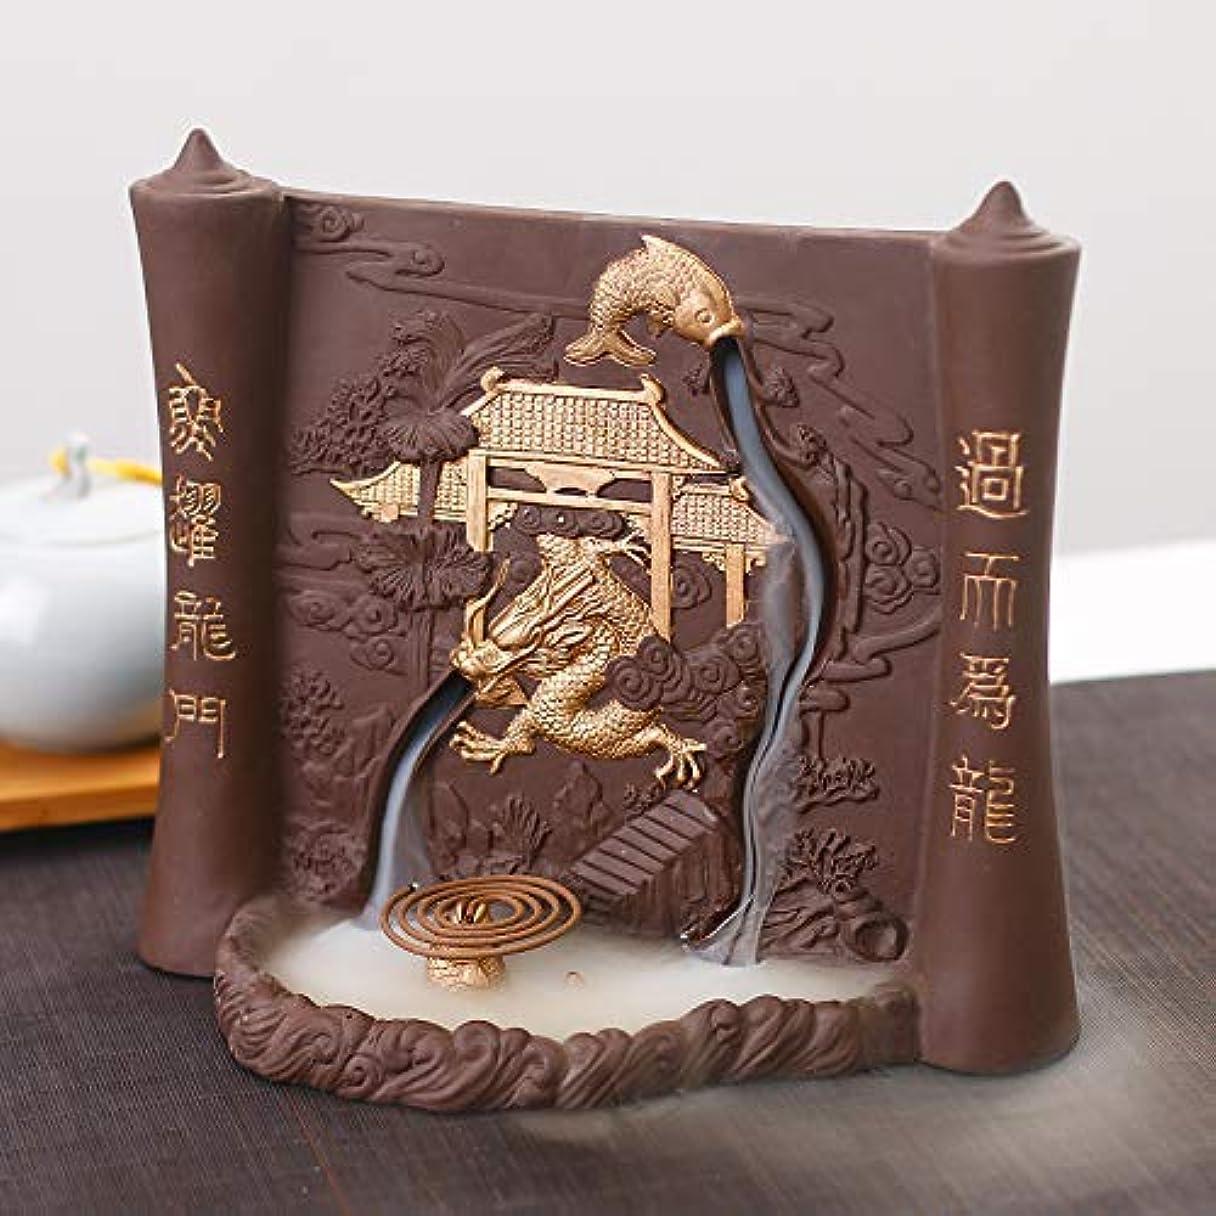 ラインナップホラー次PHILOGOD 香炉 陶器漢字彫刻レリーフ手作り逆流香炉 線香立て デュアルユース お香 ホルダー